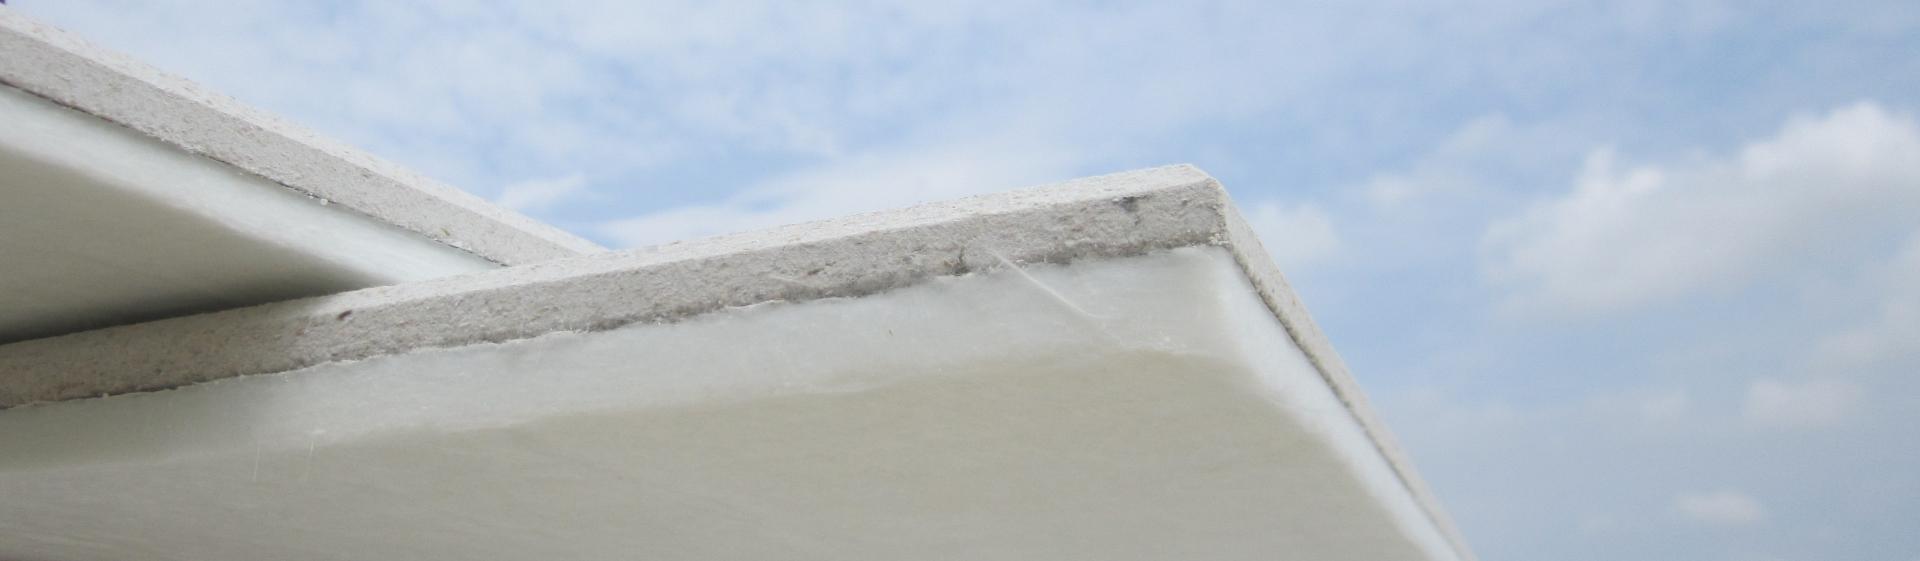 Ecofine aerogel prezzi pannelli termoisolanti - Vetrocamera spessore minimo ...